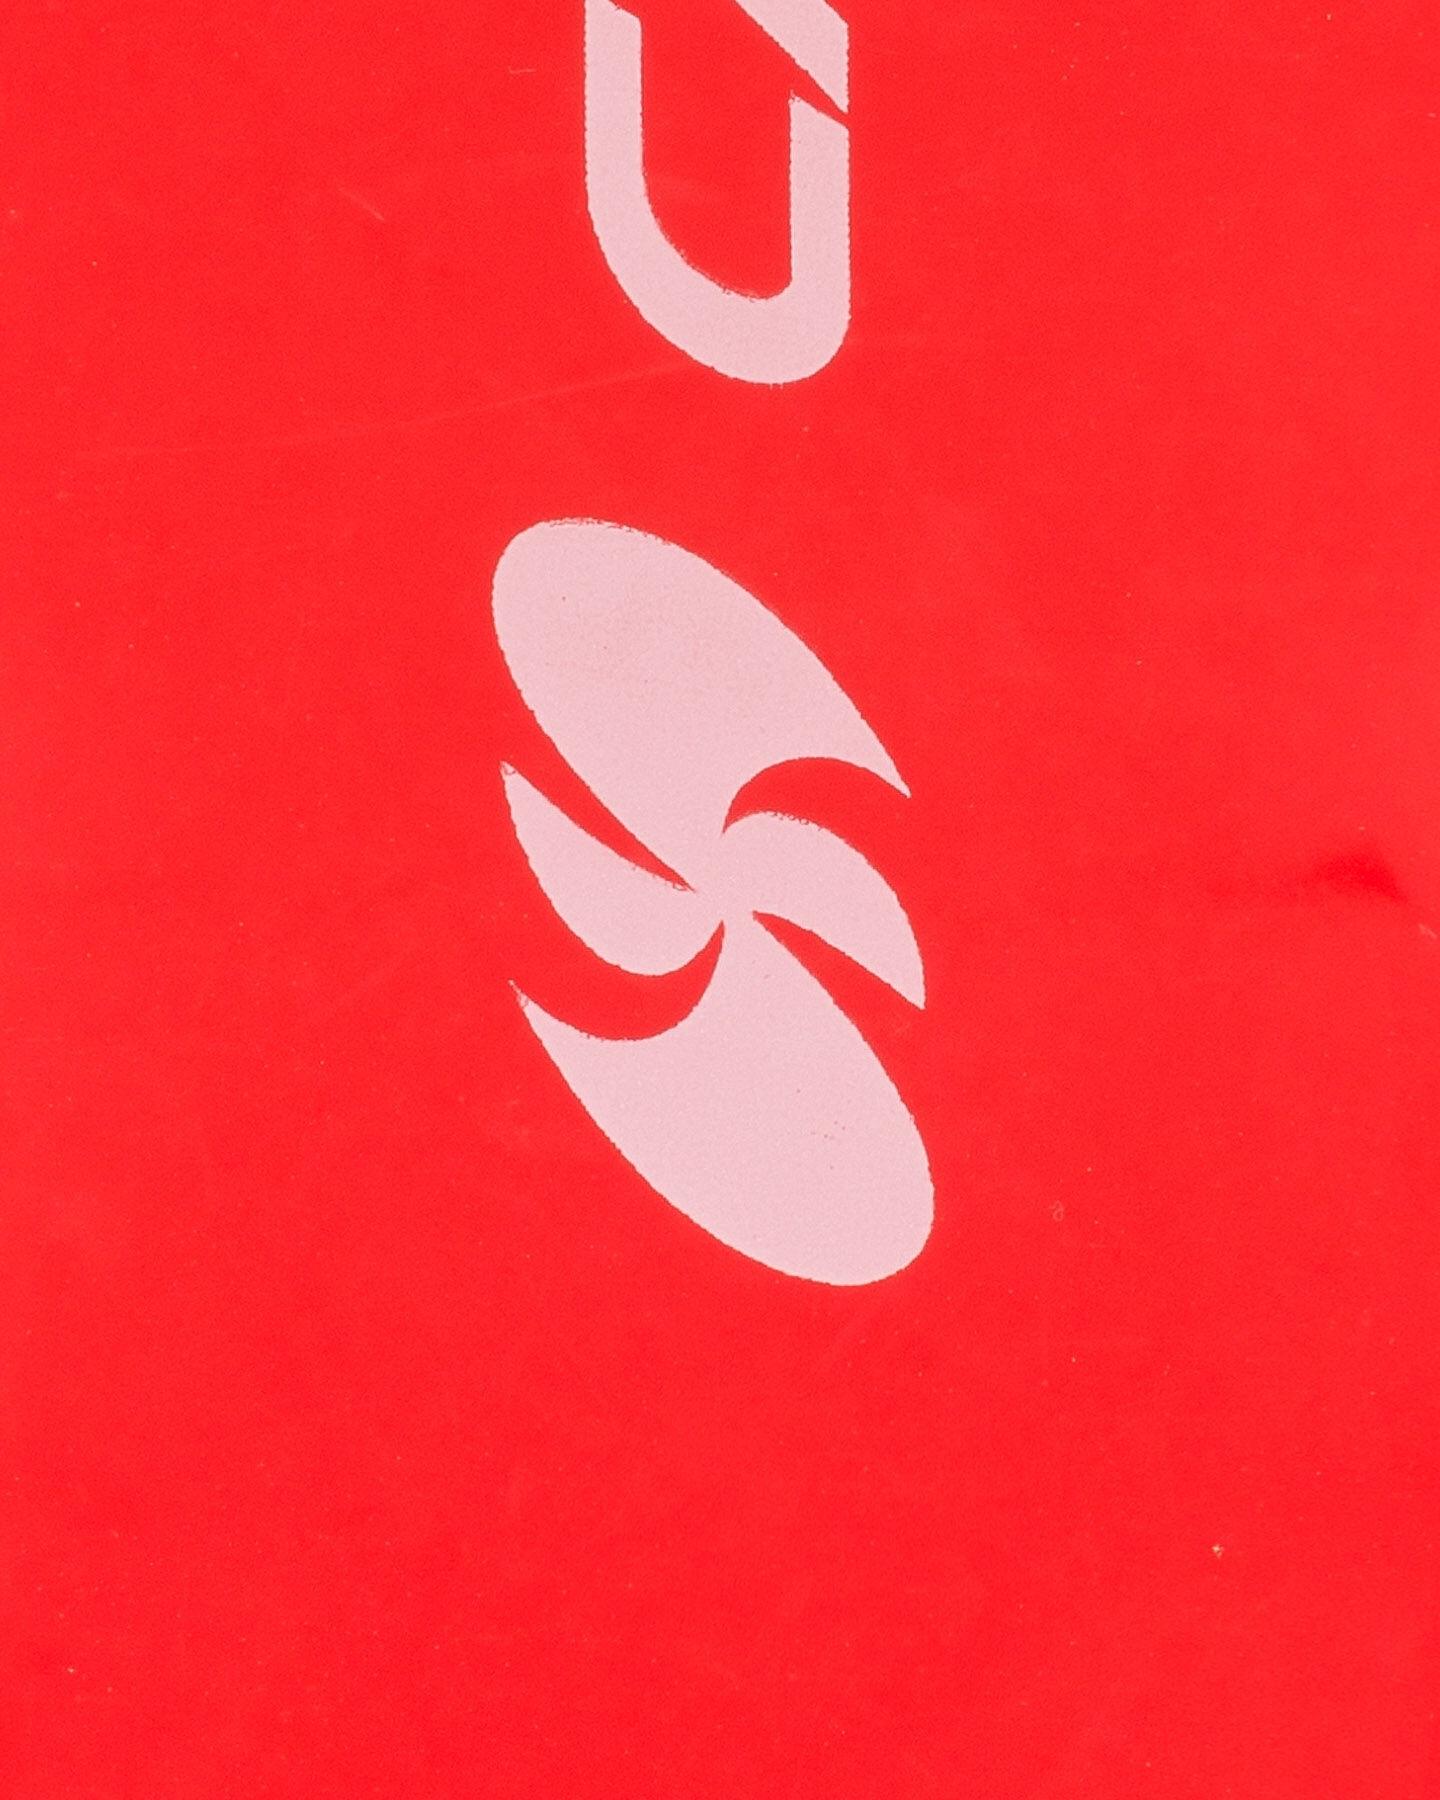 Banda elastica CARNIELLI BANDA ELASTICA ANELLO S5200098 1895c UNI scatto 2